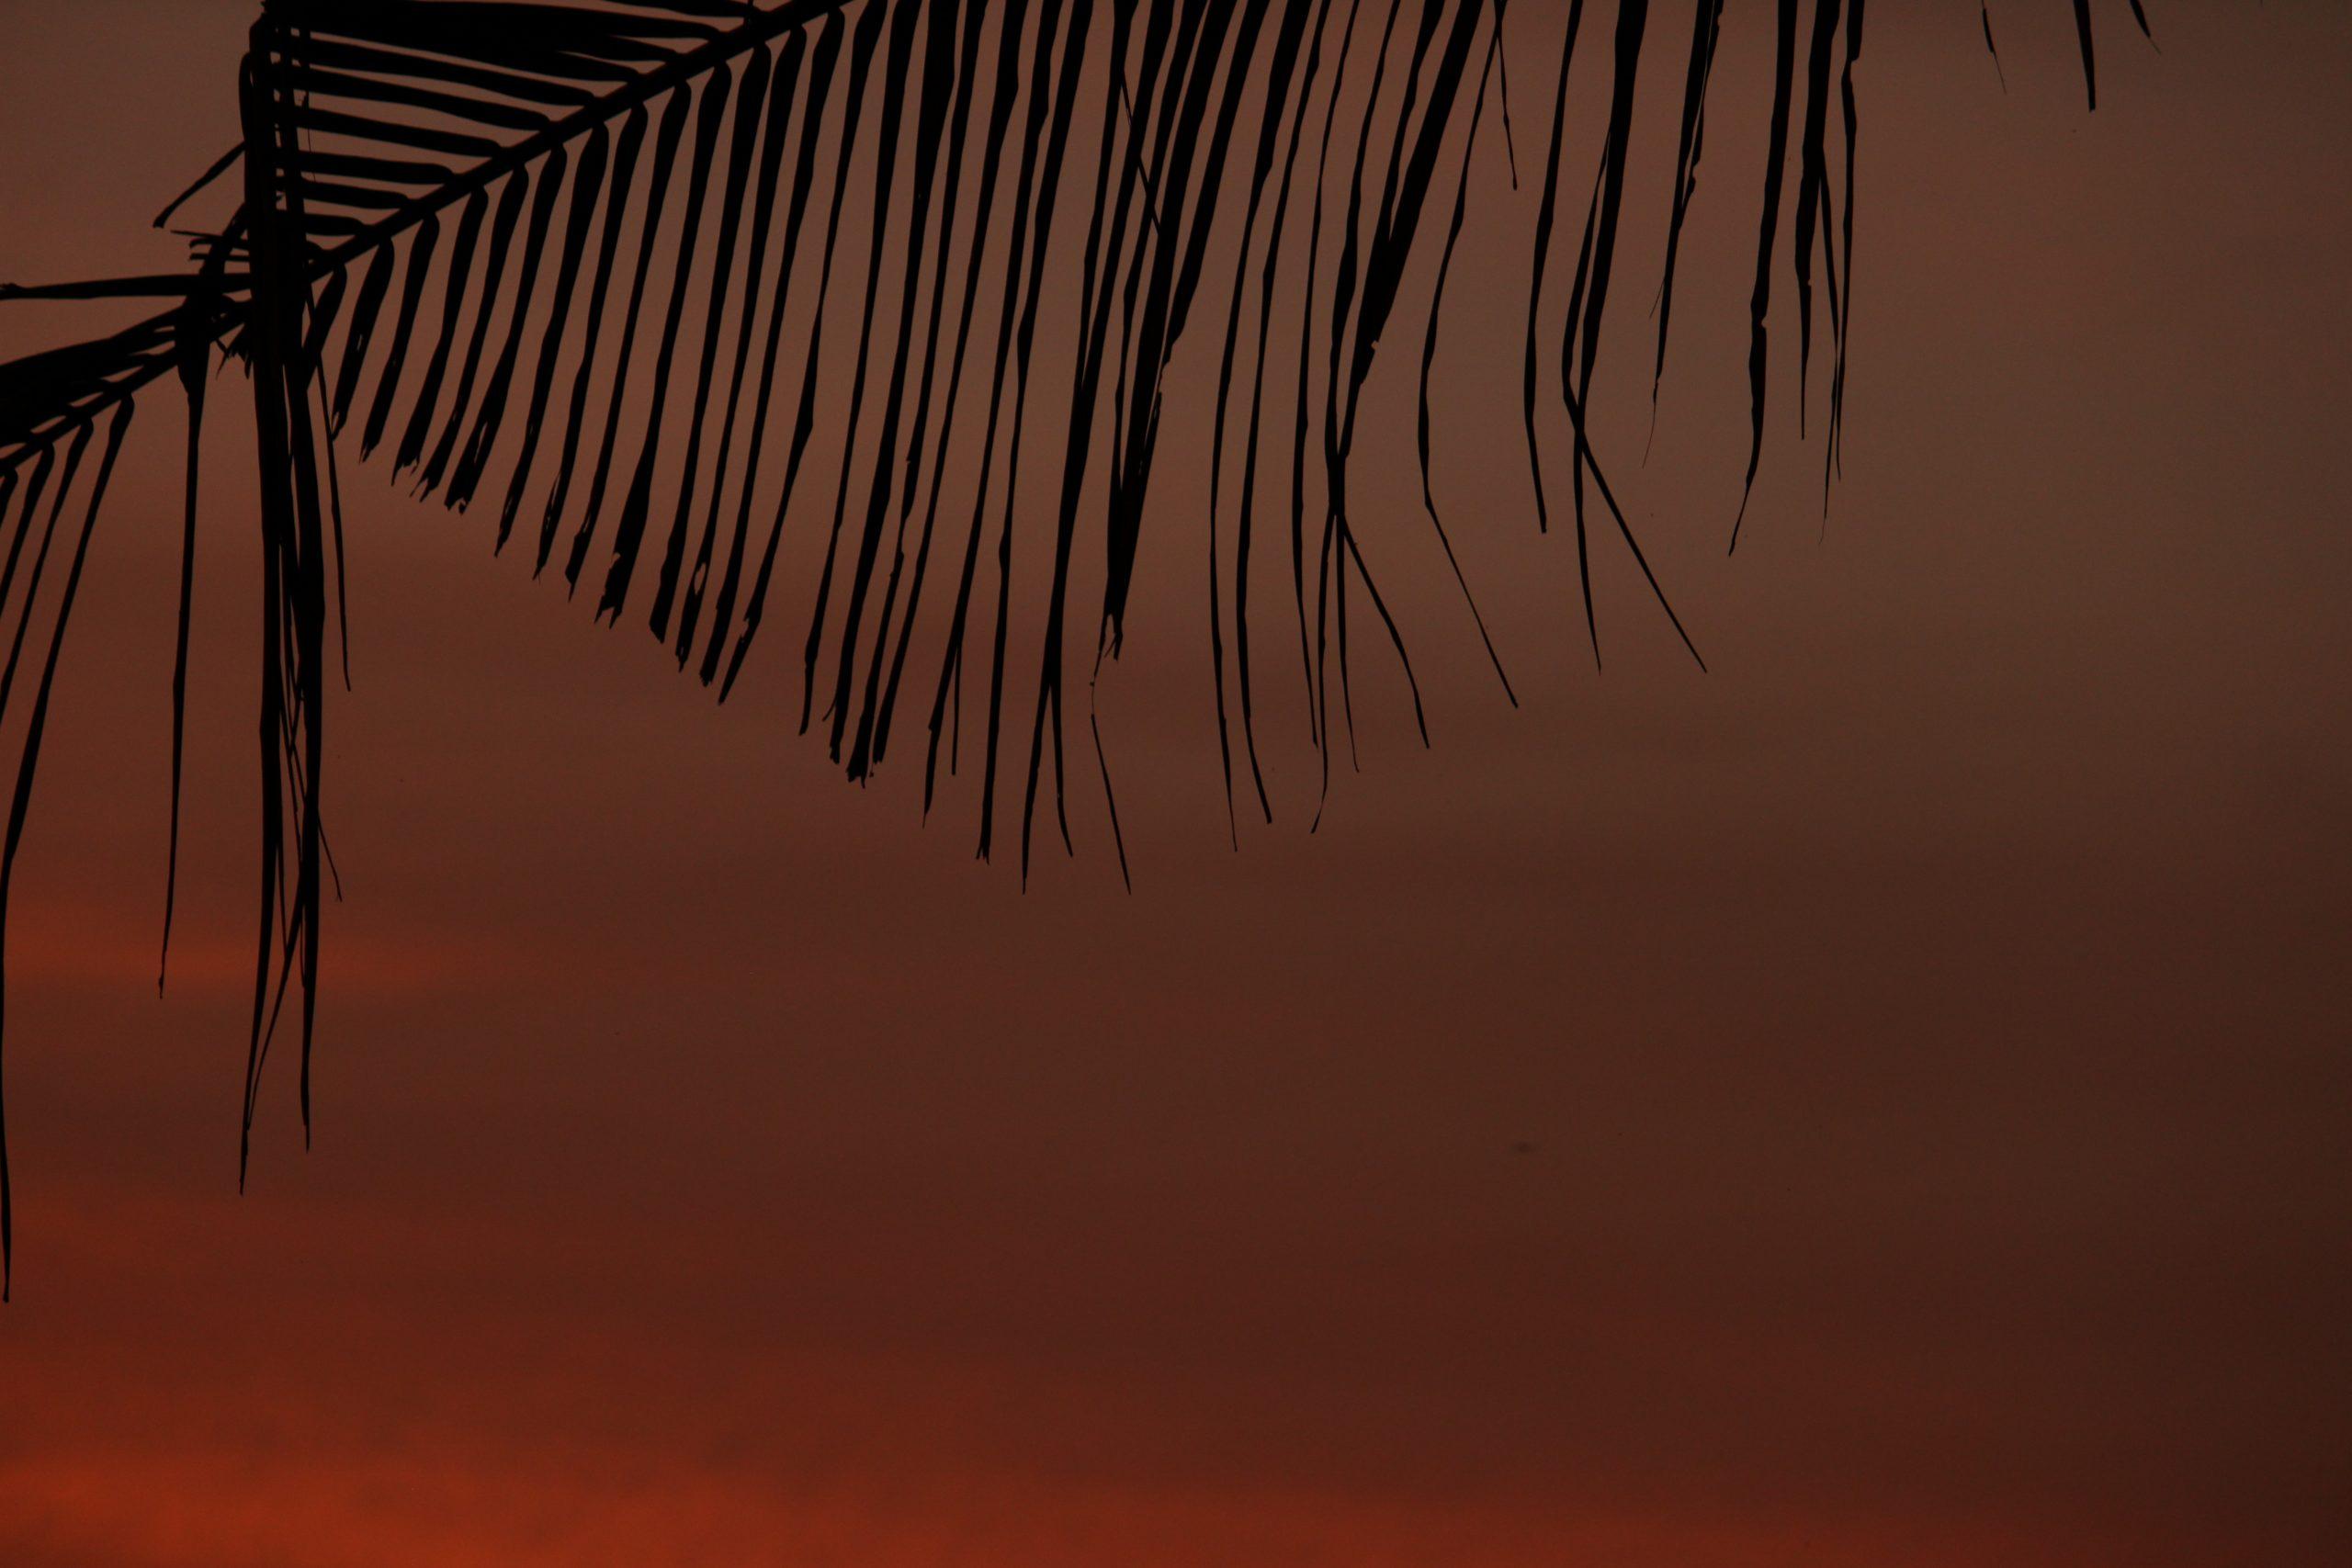 Evening hour